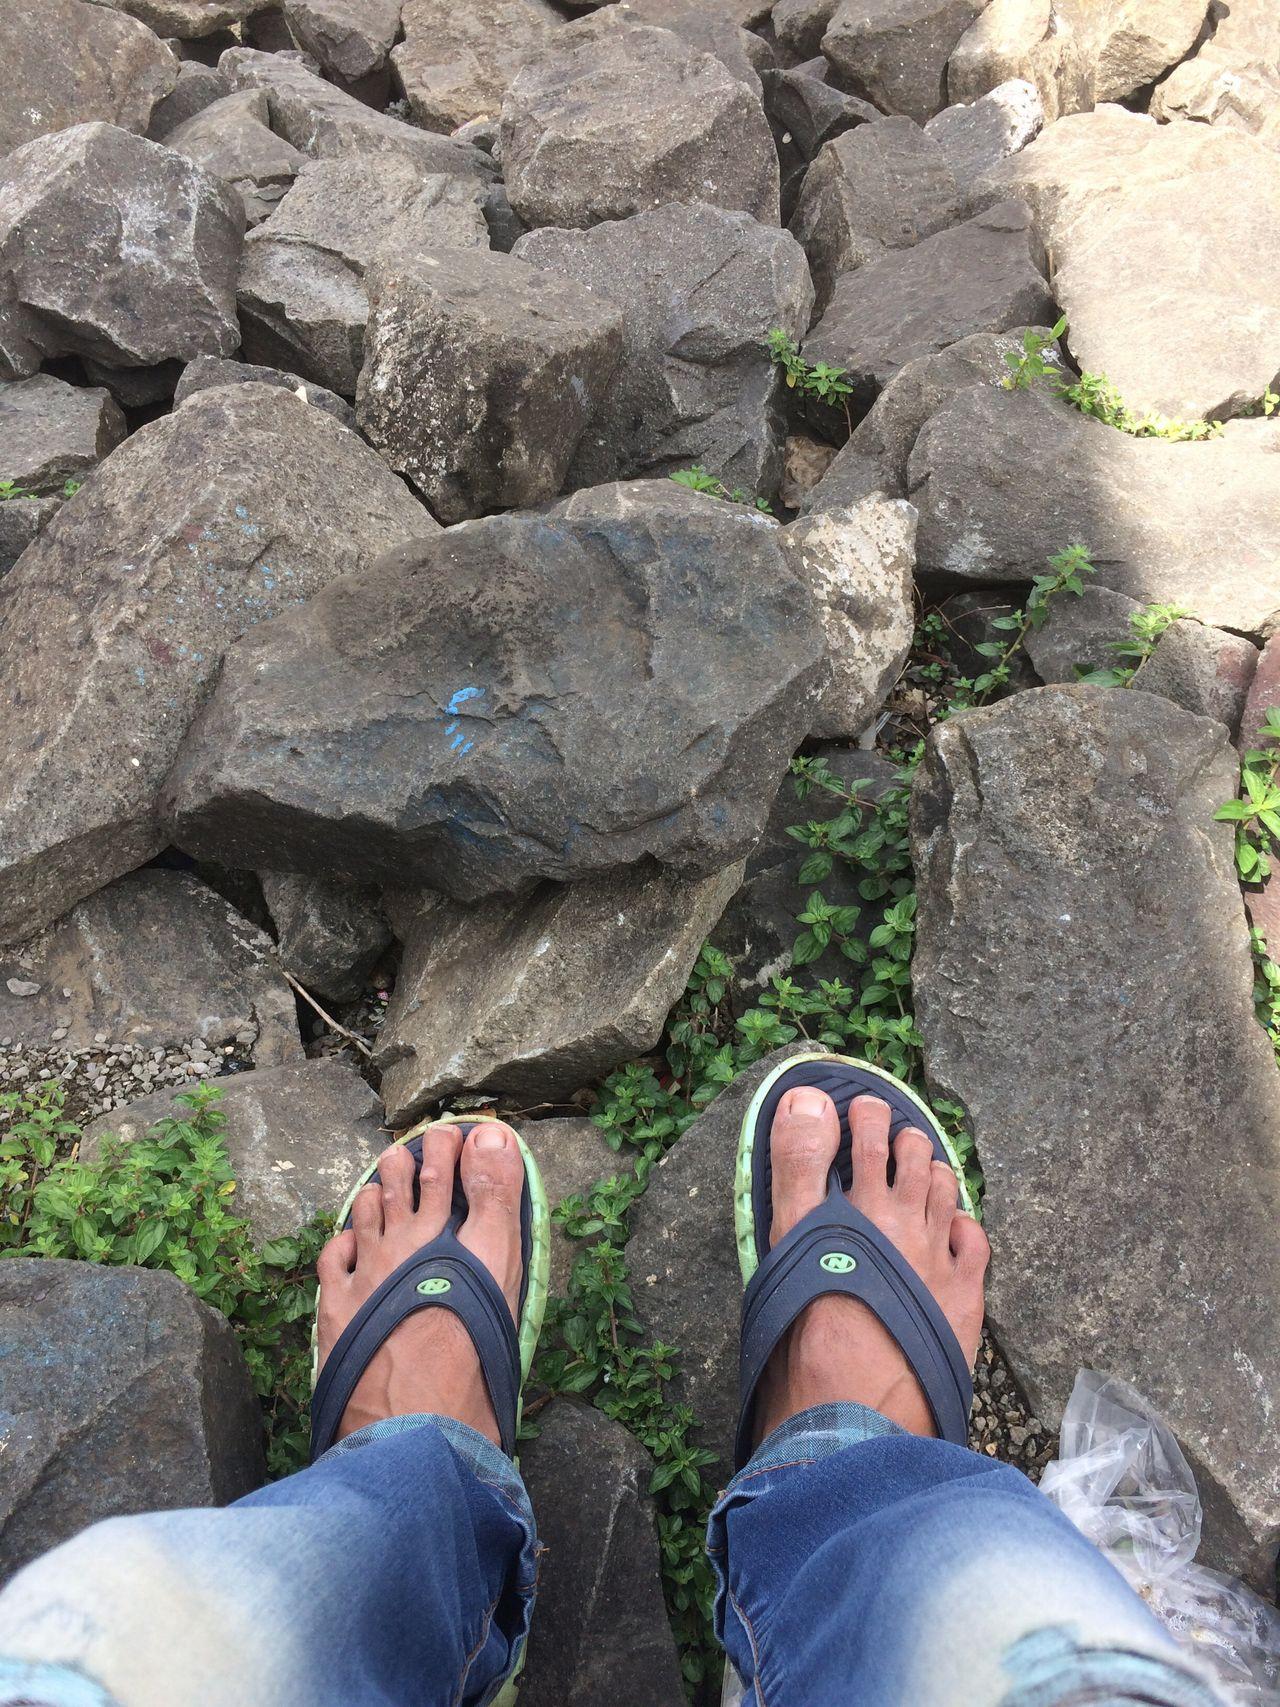 Rocks Footwear Sandals Feet Wearing Sandals Feet Feet On The Ground Feet On The Rocks